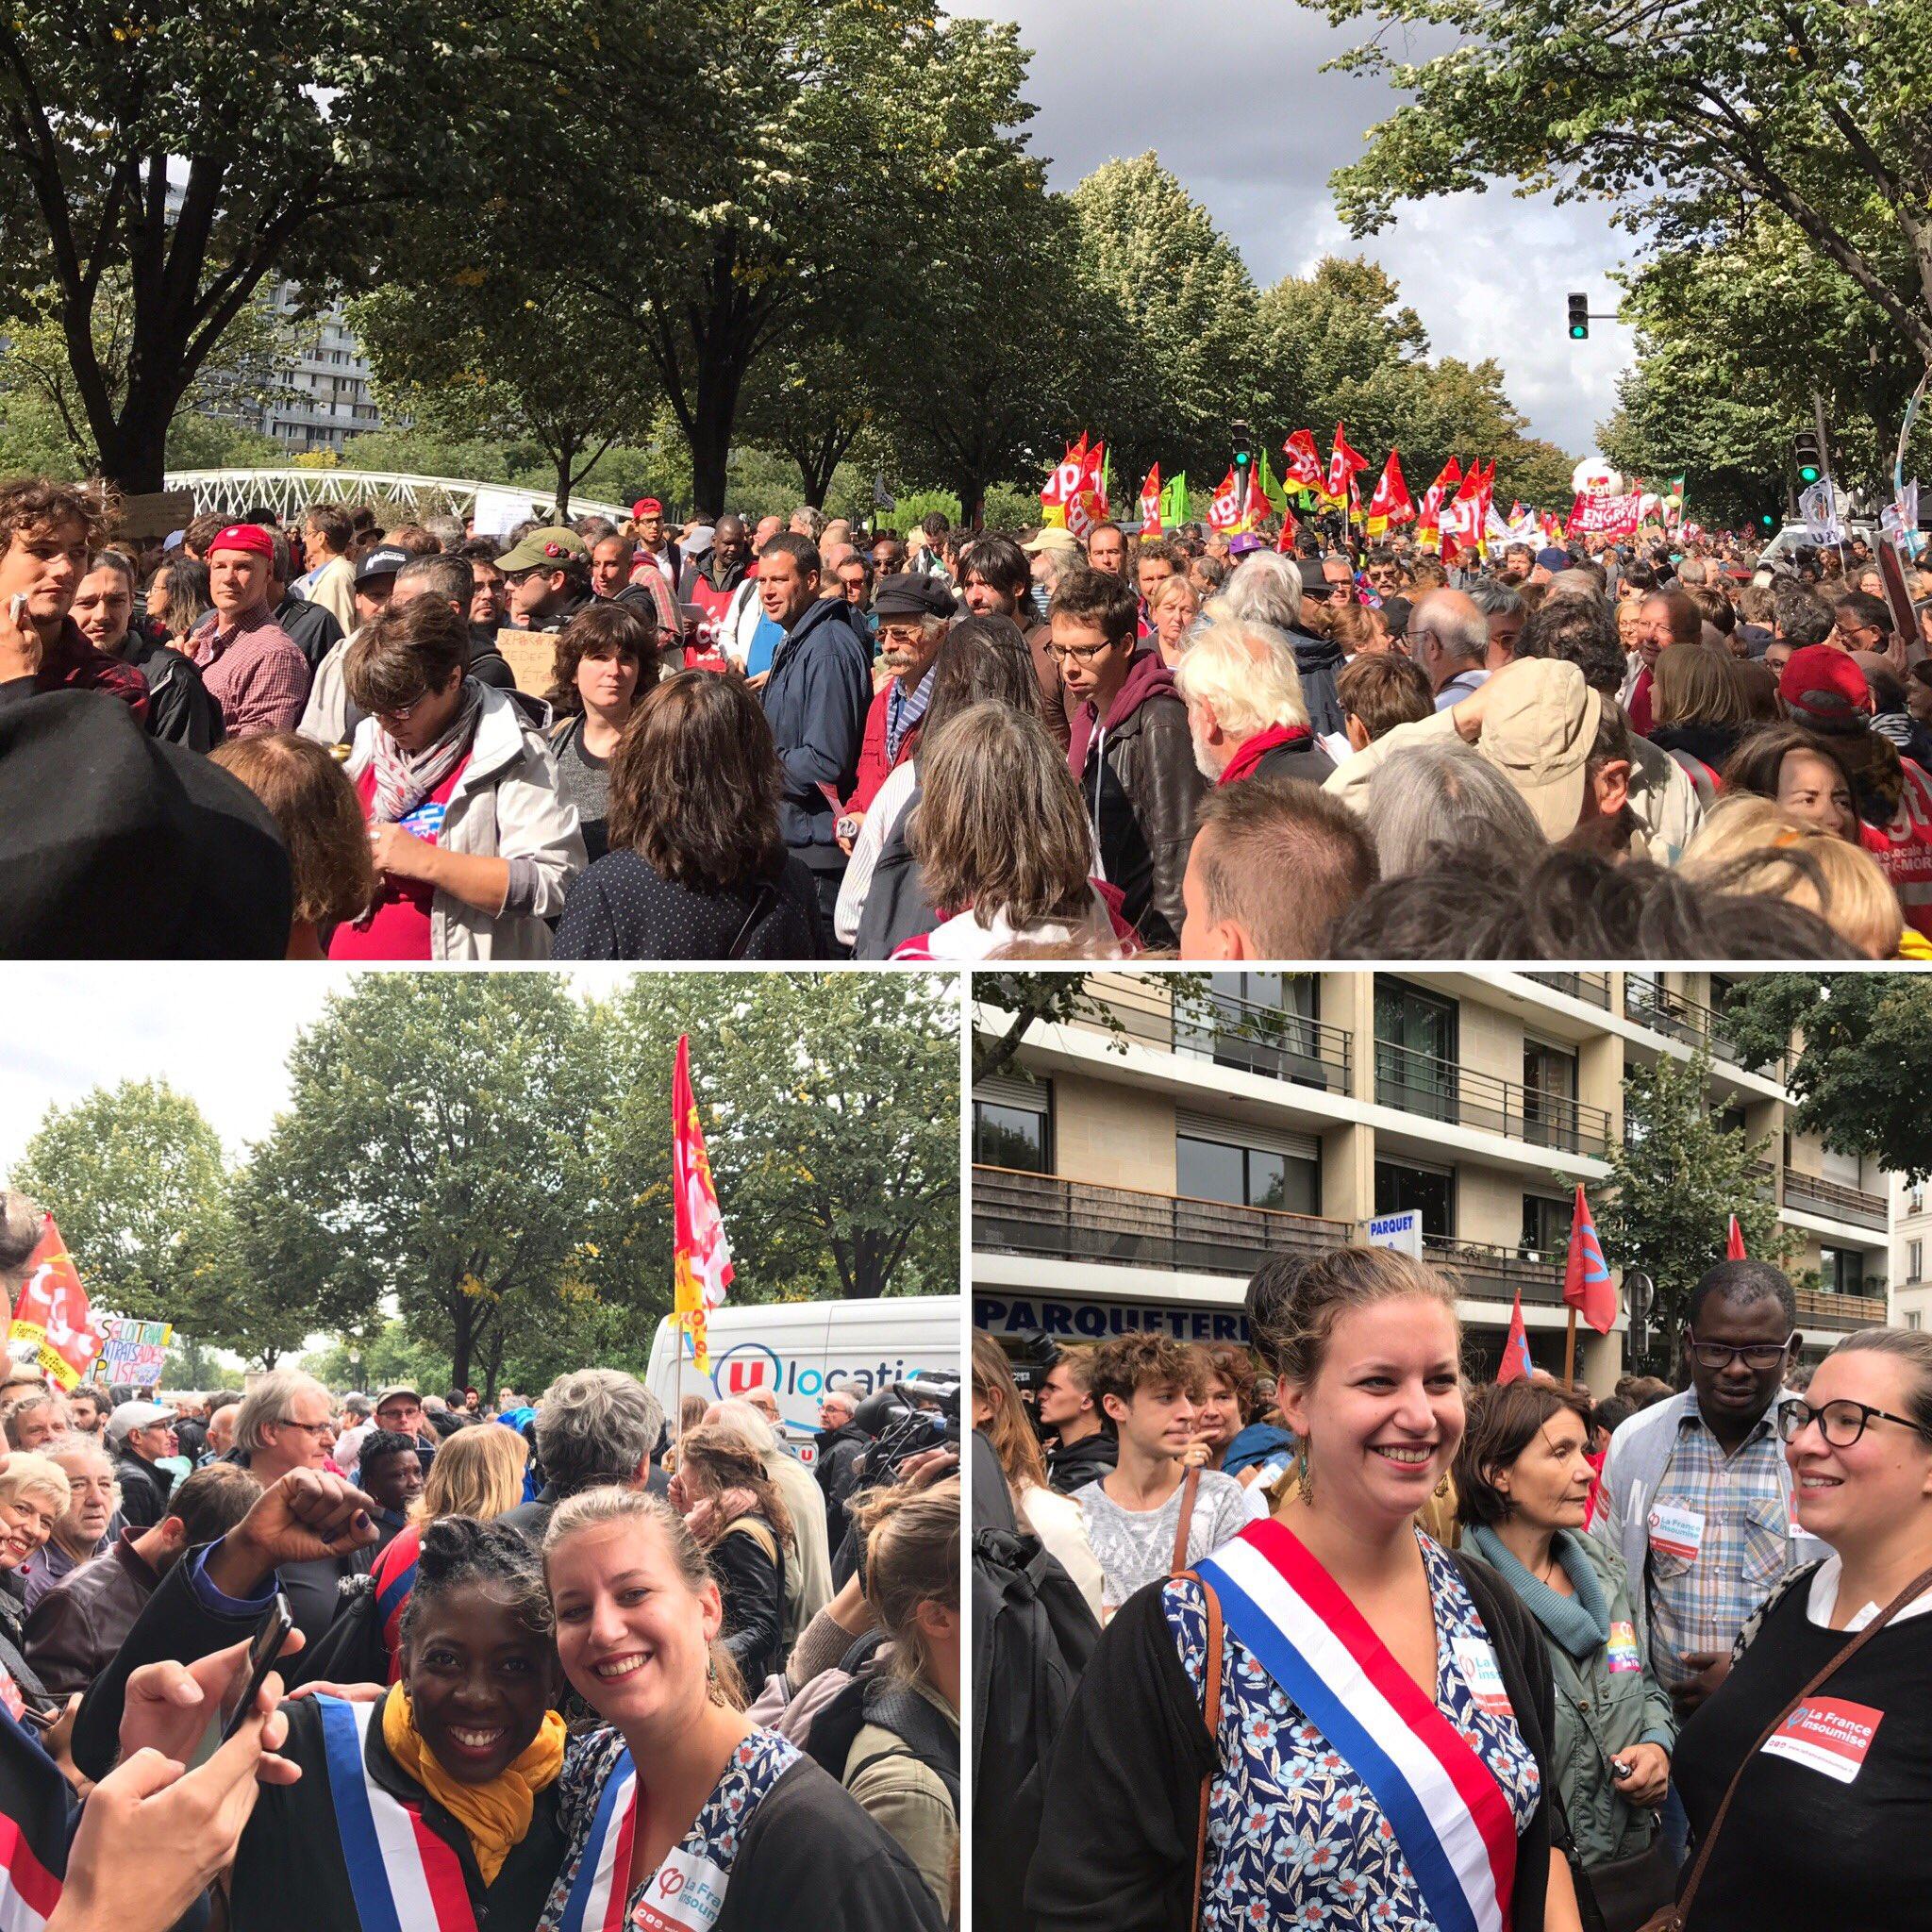 Des dizaines de milliers de personnes partout en France pour dire non aux ordonnances Macron ! #Greve12septembre https://t.co/Ob9jXKoZSG